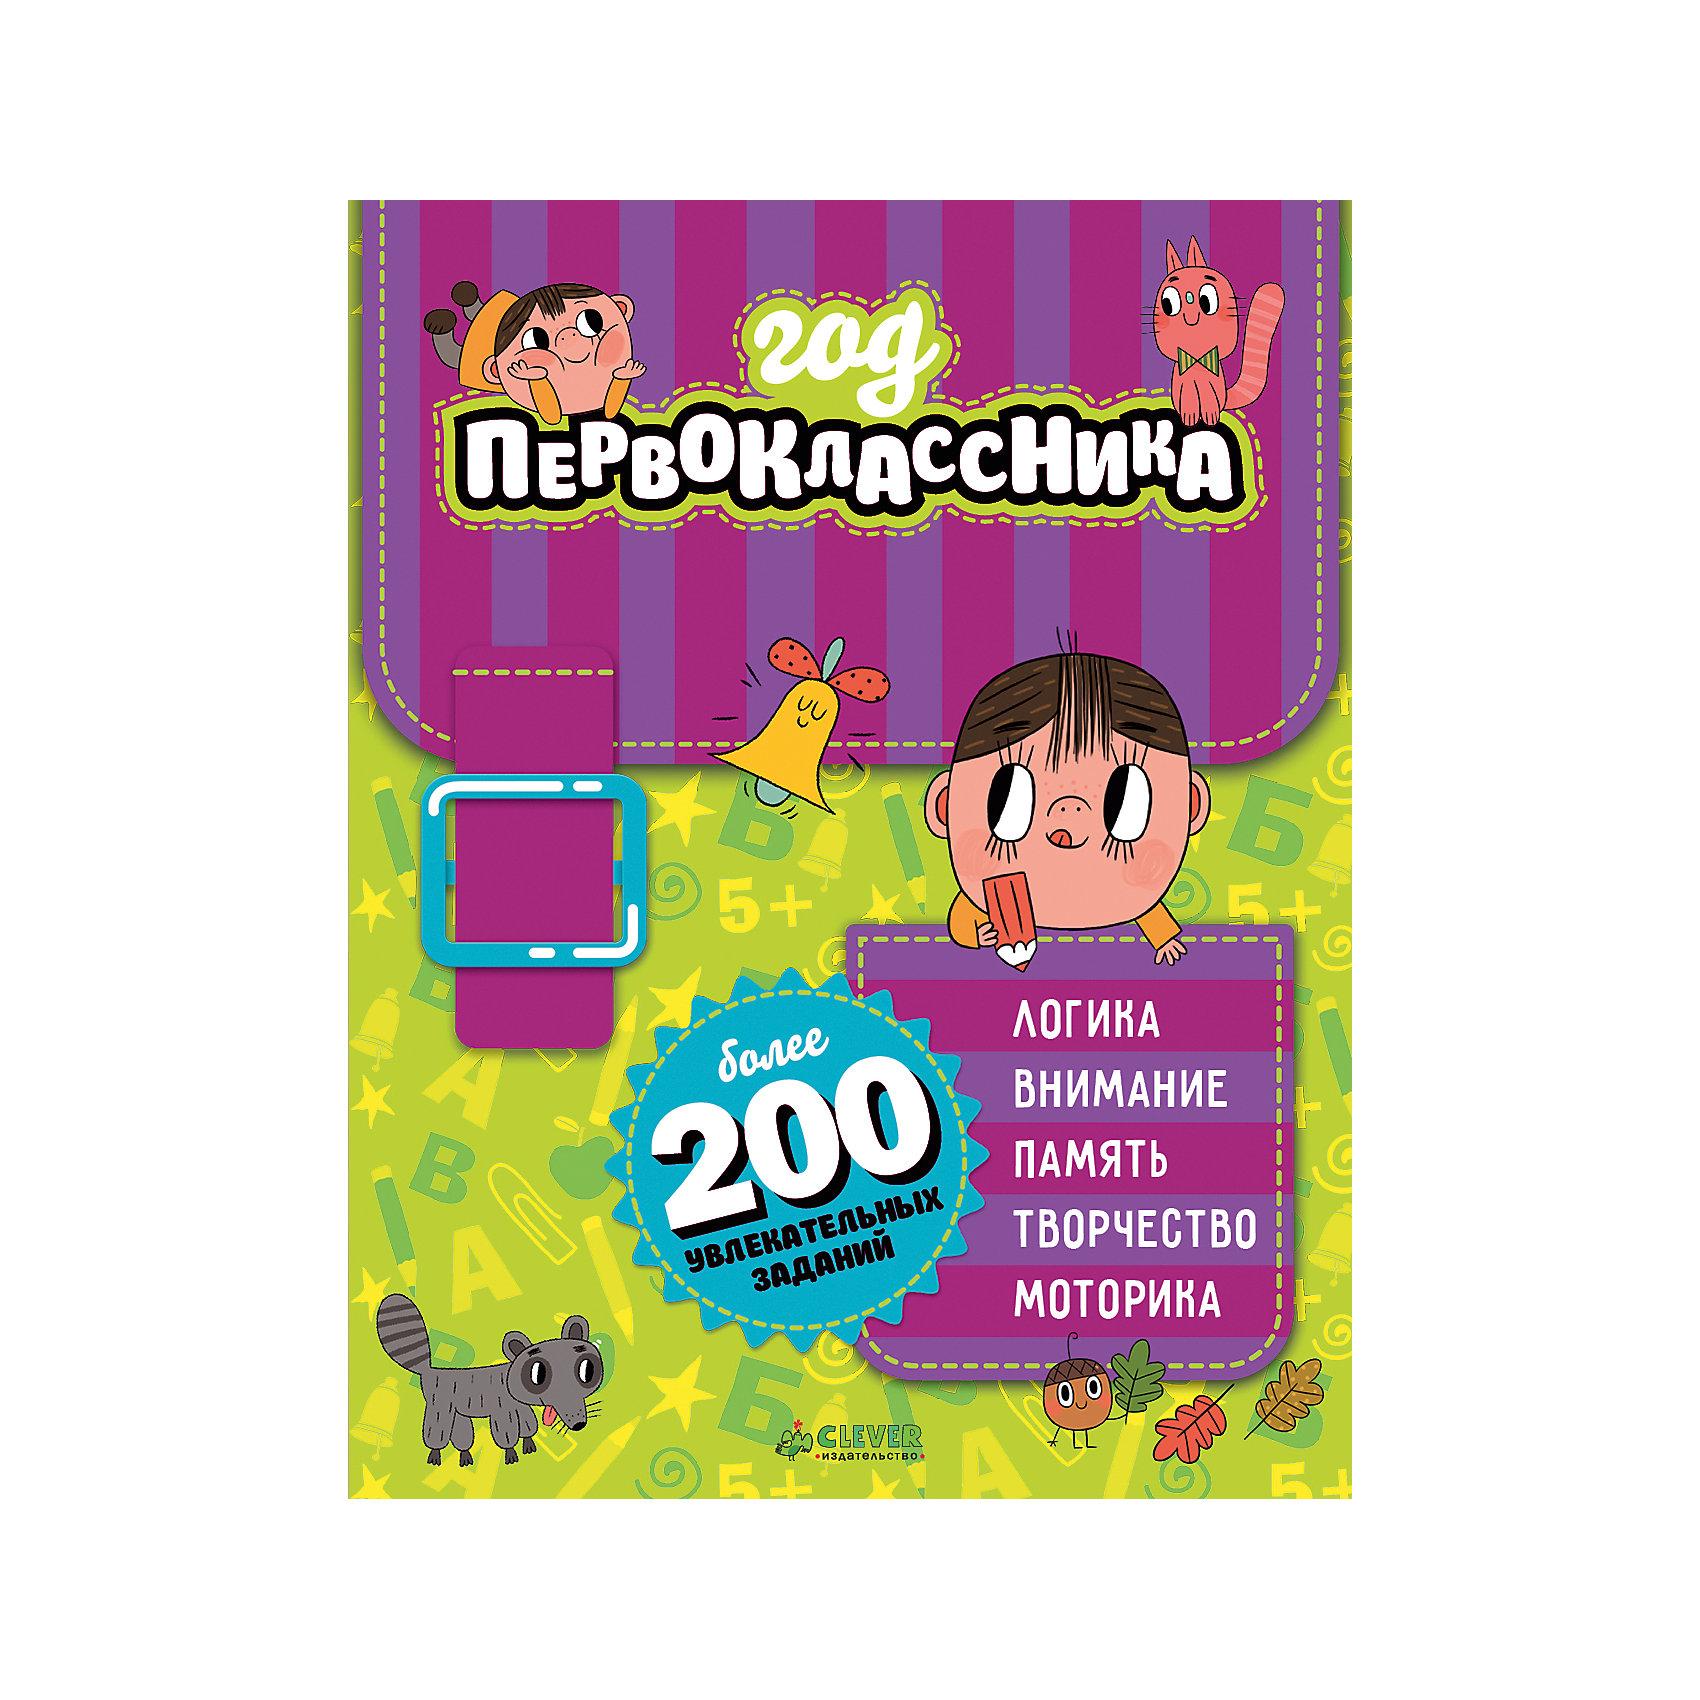 Год первоклассника, CleverКниги для мальчиков<br>С этой увлекательной книжкой ваш школьник точно не заскучает! Разнообразные раскраски, лабиринты, бродилки, находилки, головоломки, пазлы и шифры - заданий хватит на целый год. Превратите обучение в интересную игру, от которой будет сложно оторваться. Занимайтесь с удовольствием, развивайте логическое мышление, фантазию, память, речь, внимание и словарный запас!<br><br>Ширина мм: 220<br>Глубина мм: 170<br>Высота мм: 100<br>Вес г: 299<br>Возраст от месяцев: 84<br>Возраст до месяцев: 132<br>Пол: Мужской<br>Возраст: Детский<br>SKU: 6751808